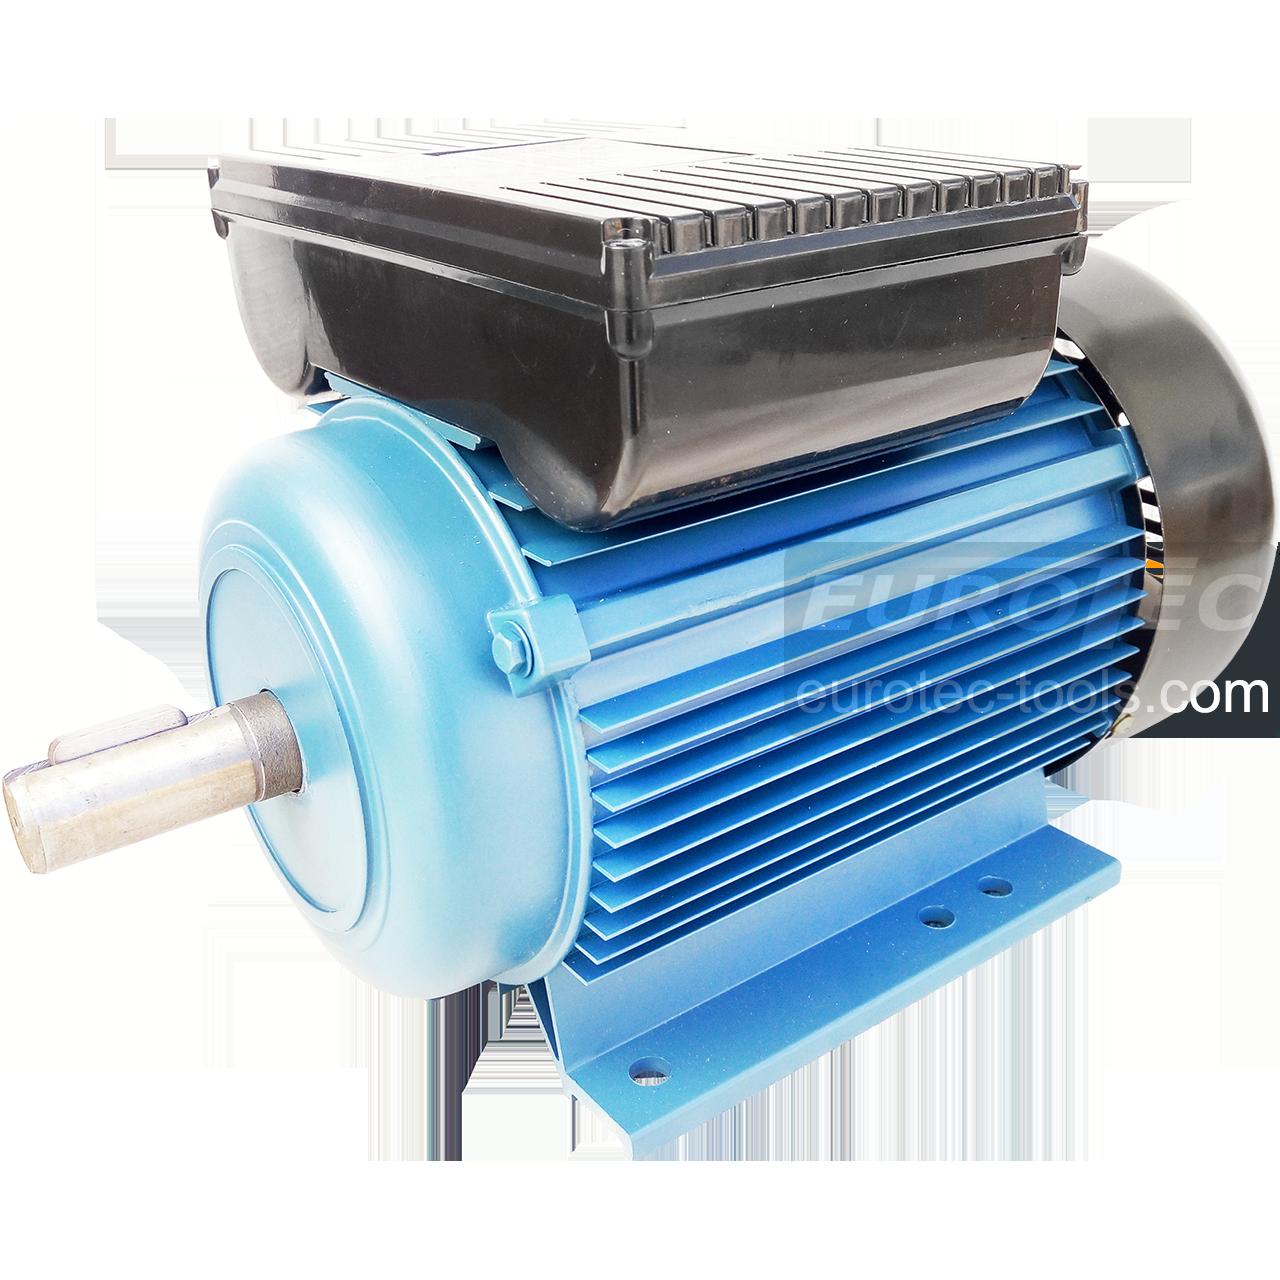 Асинхронный электродвигатель 1400 об. 1.5 кВт 220В Eurotec AT127 однофазный двигатель переменного тока 1500 об